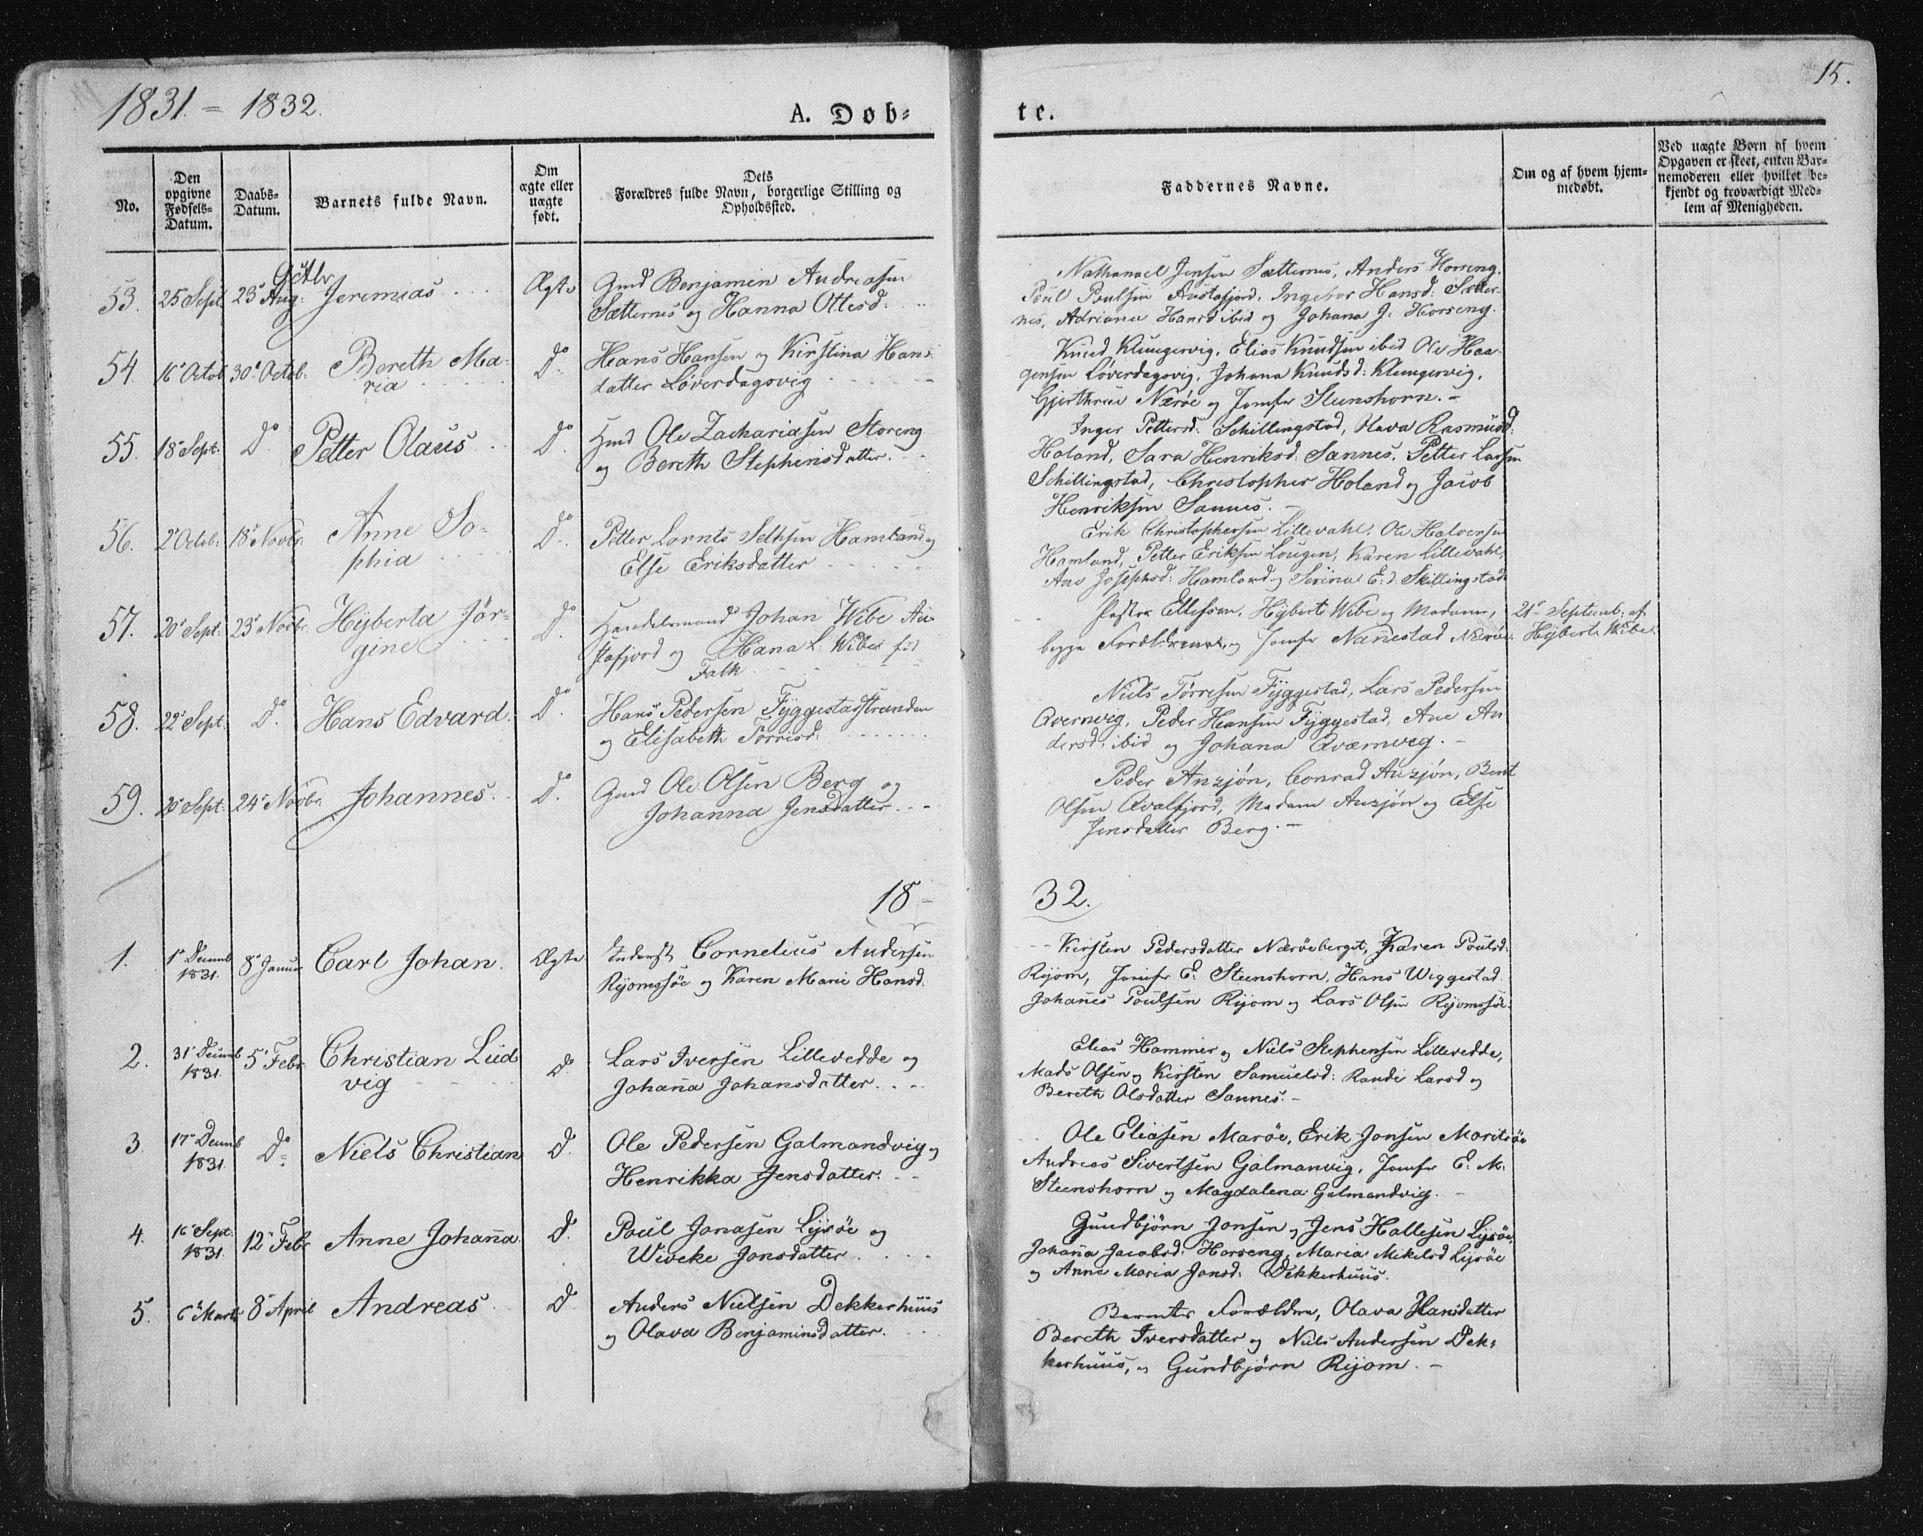 SAT, Ministerialprotokoller, klokkerbøker og fødselsregistre - Nord-Trøndelag, 784/L0669: Ministerialbok nr. 784A04, 1829-1859, s. 15